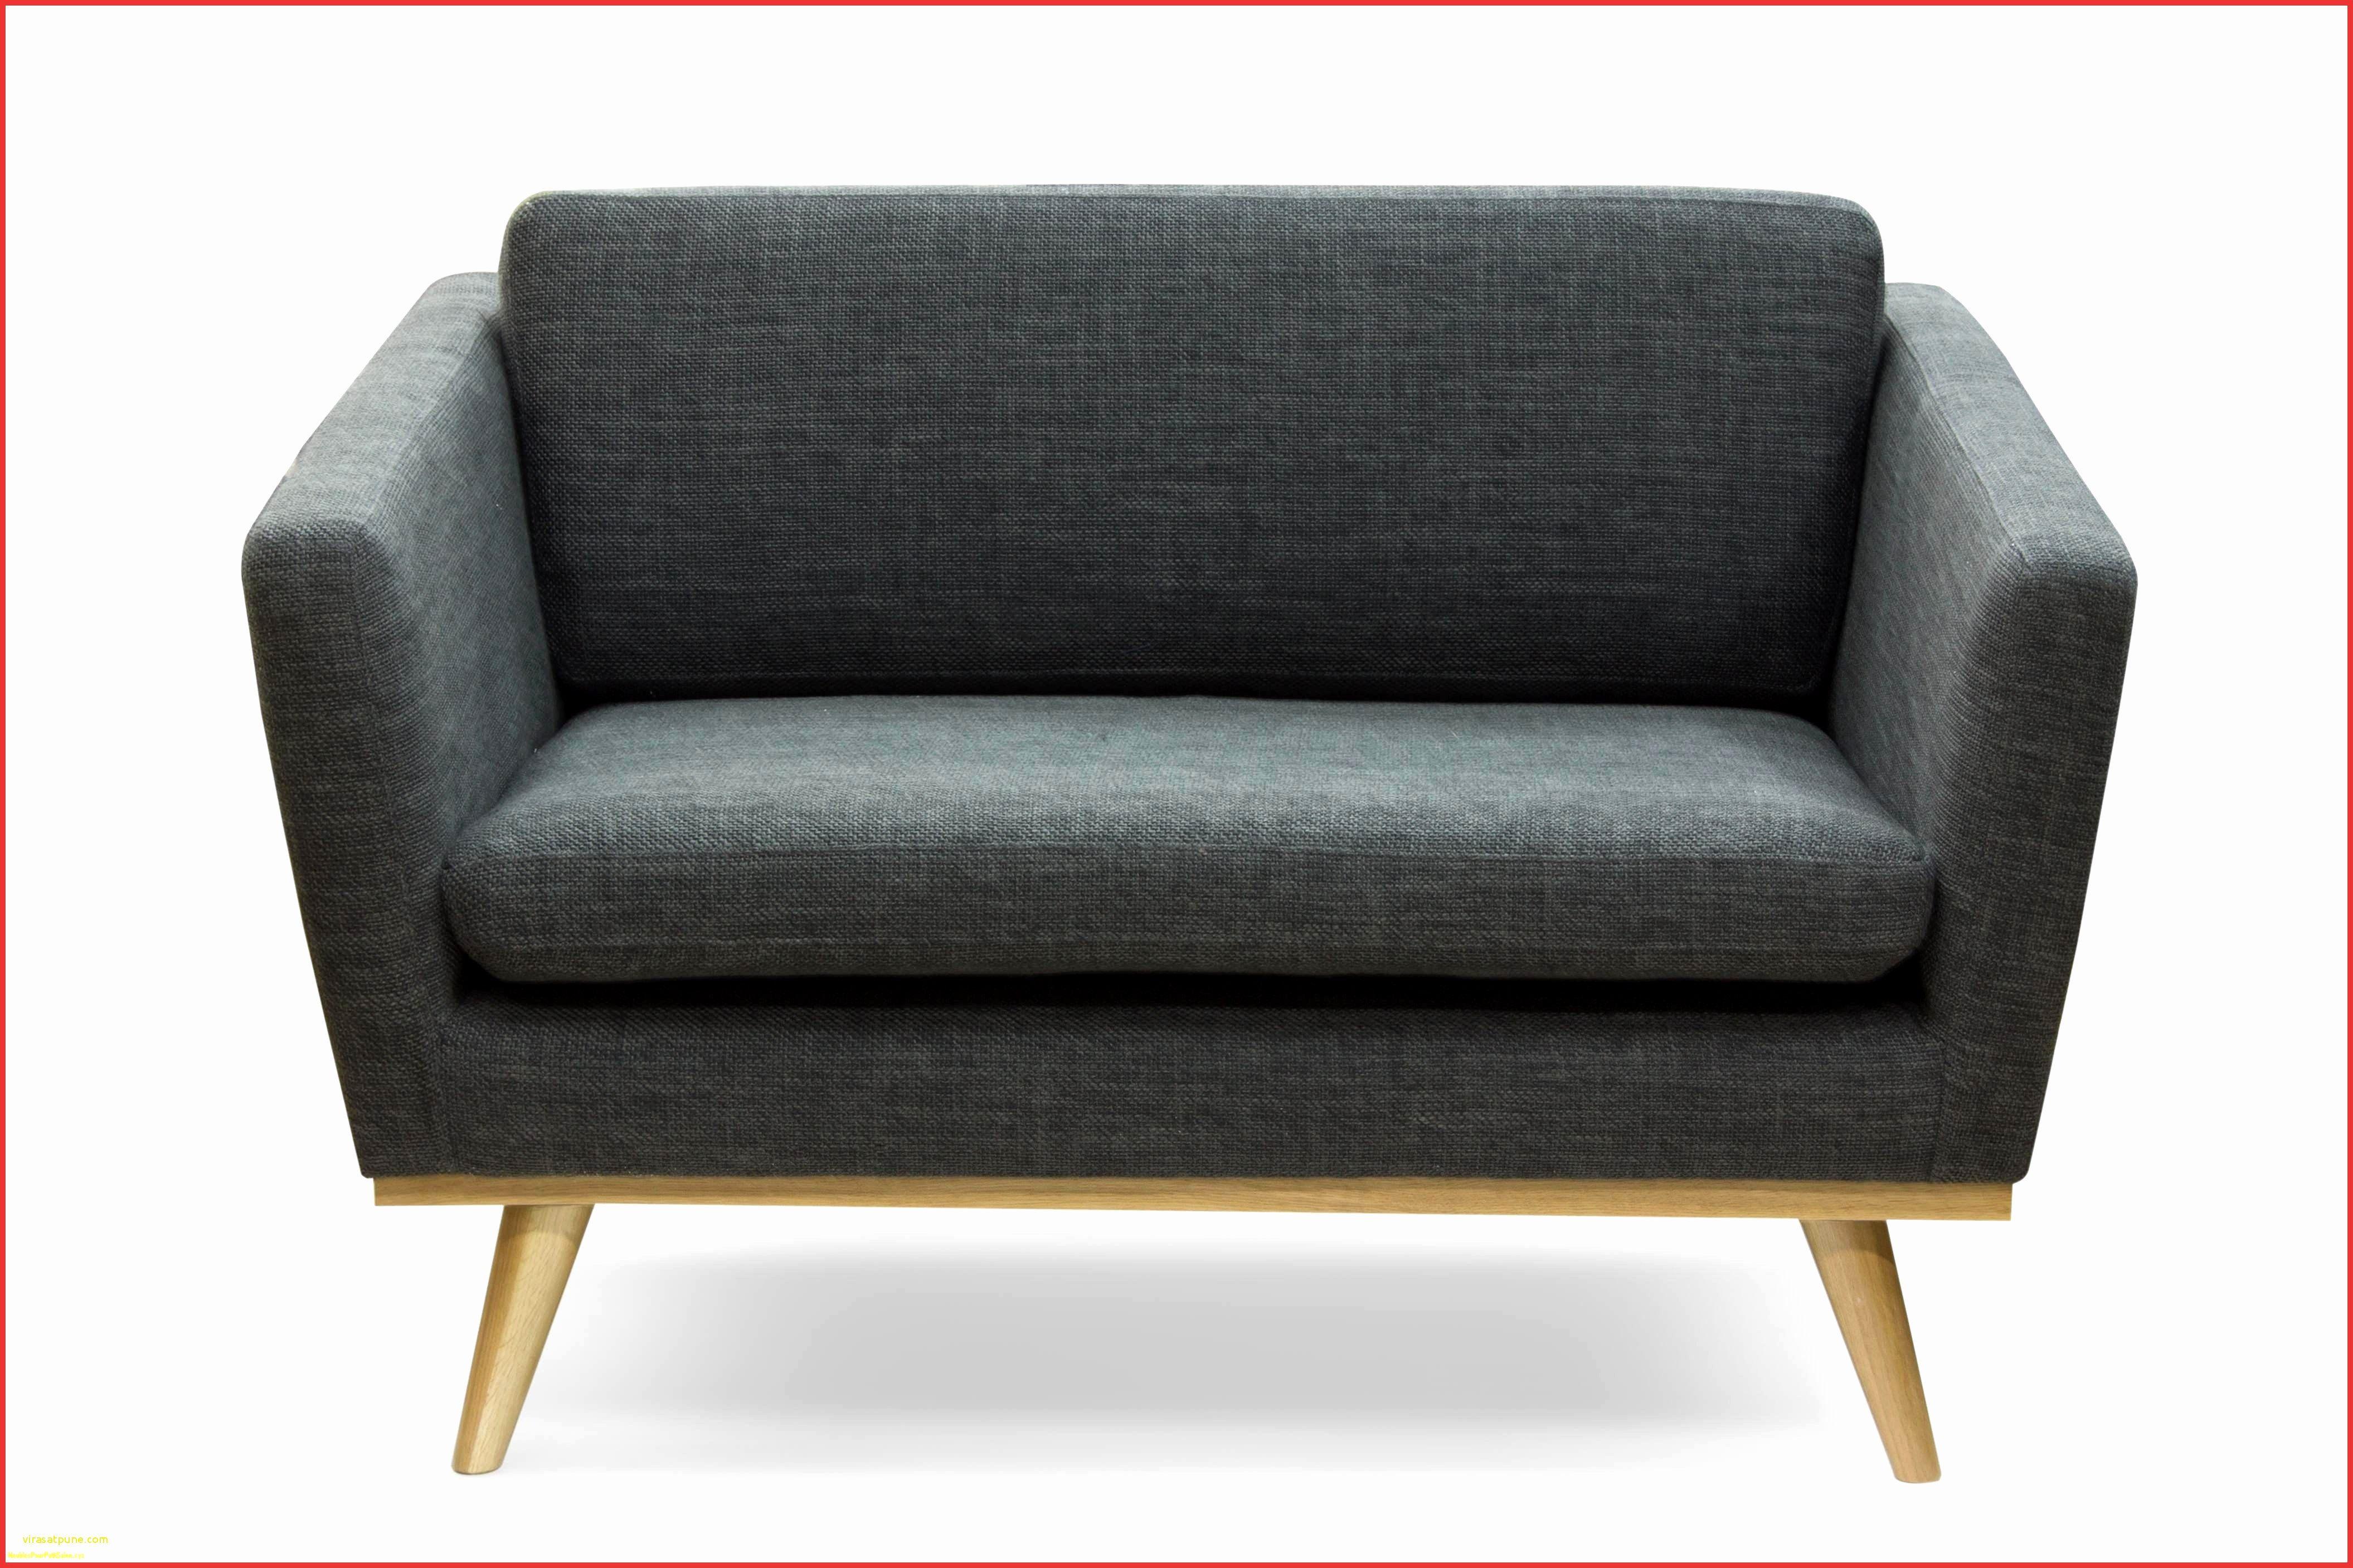 Canapé Lit Ikea De Luxe 30 Unique Canapé Velours Ikea Idées astucieuses